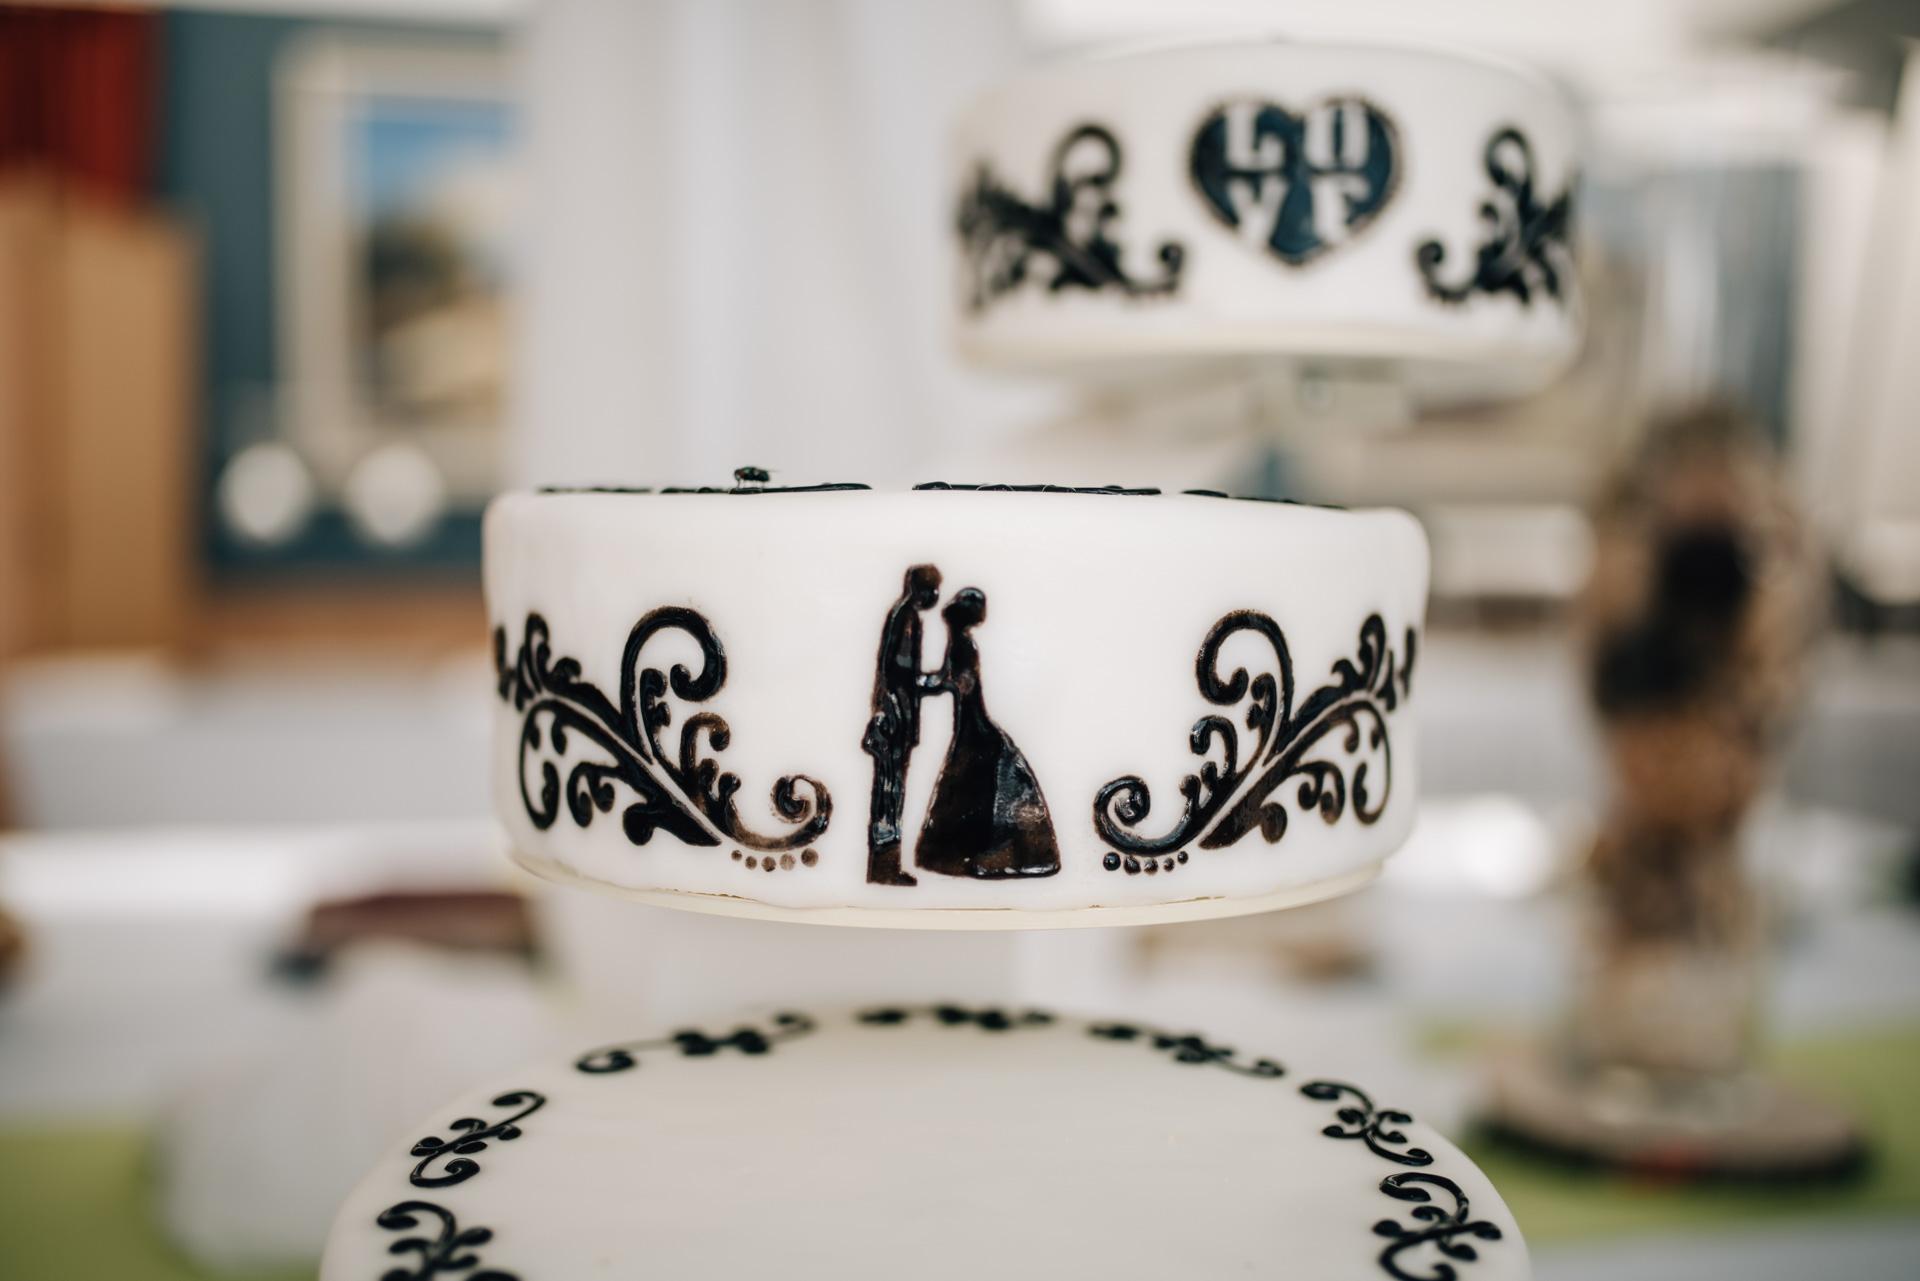 Hochzeitstorte, Seehotel, Herzfotografie, Hochzeitsfotografie, Fotograf Hochzeit Brombachsee